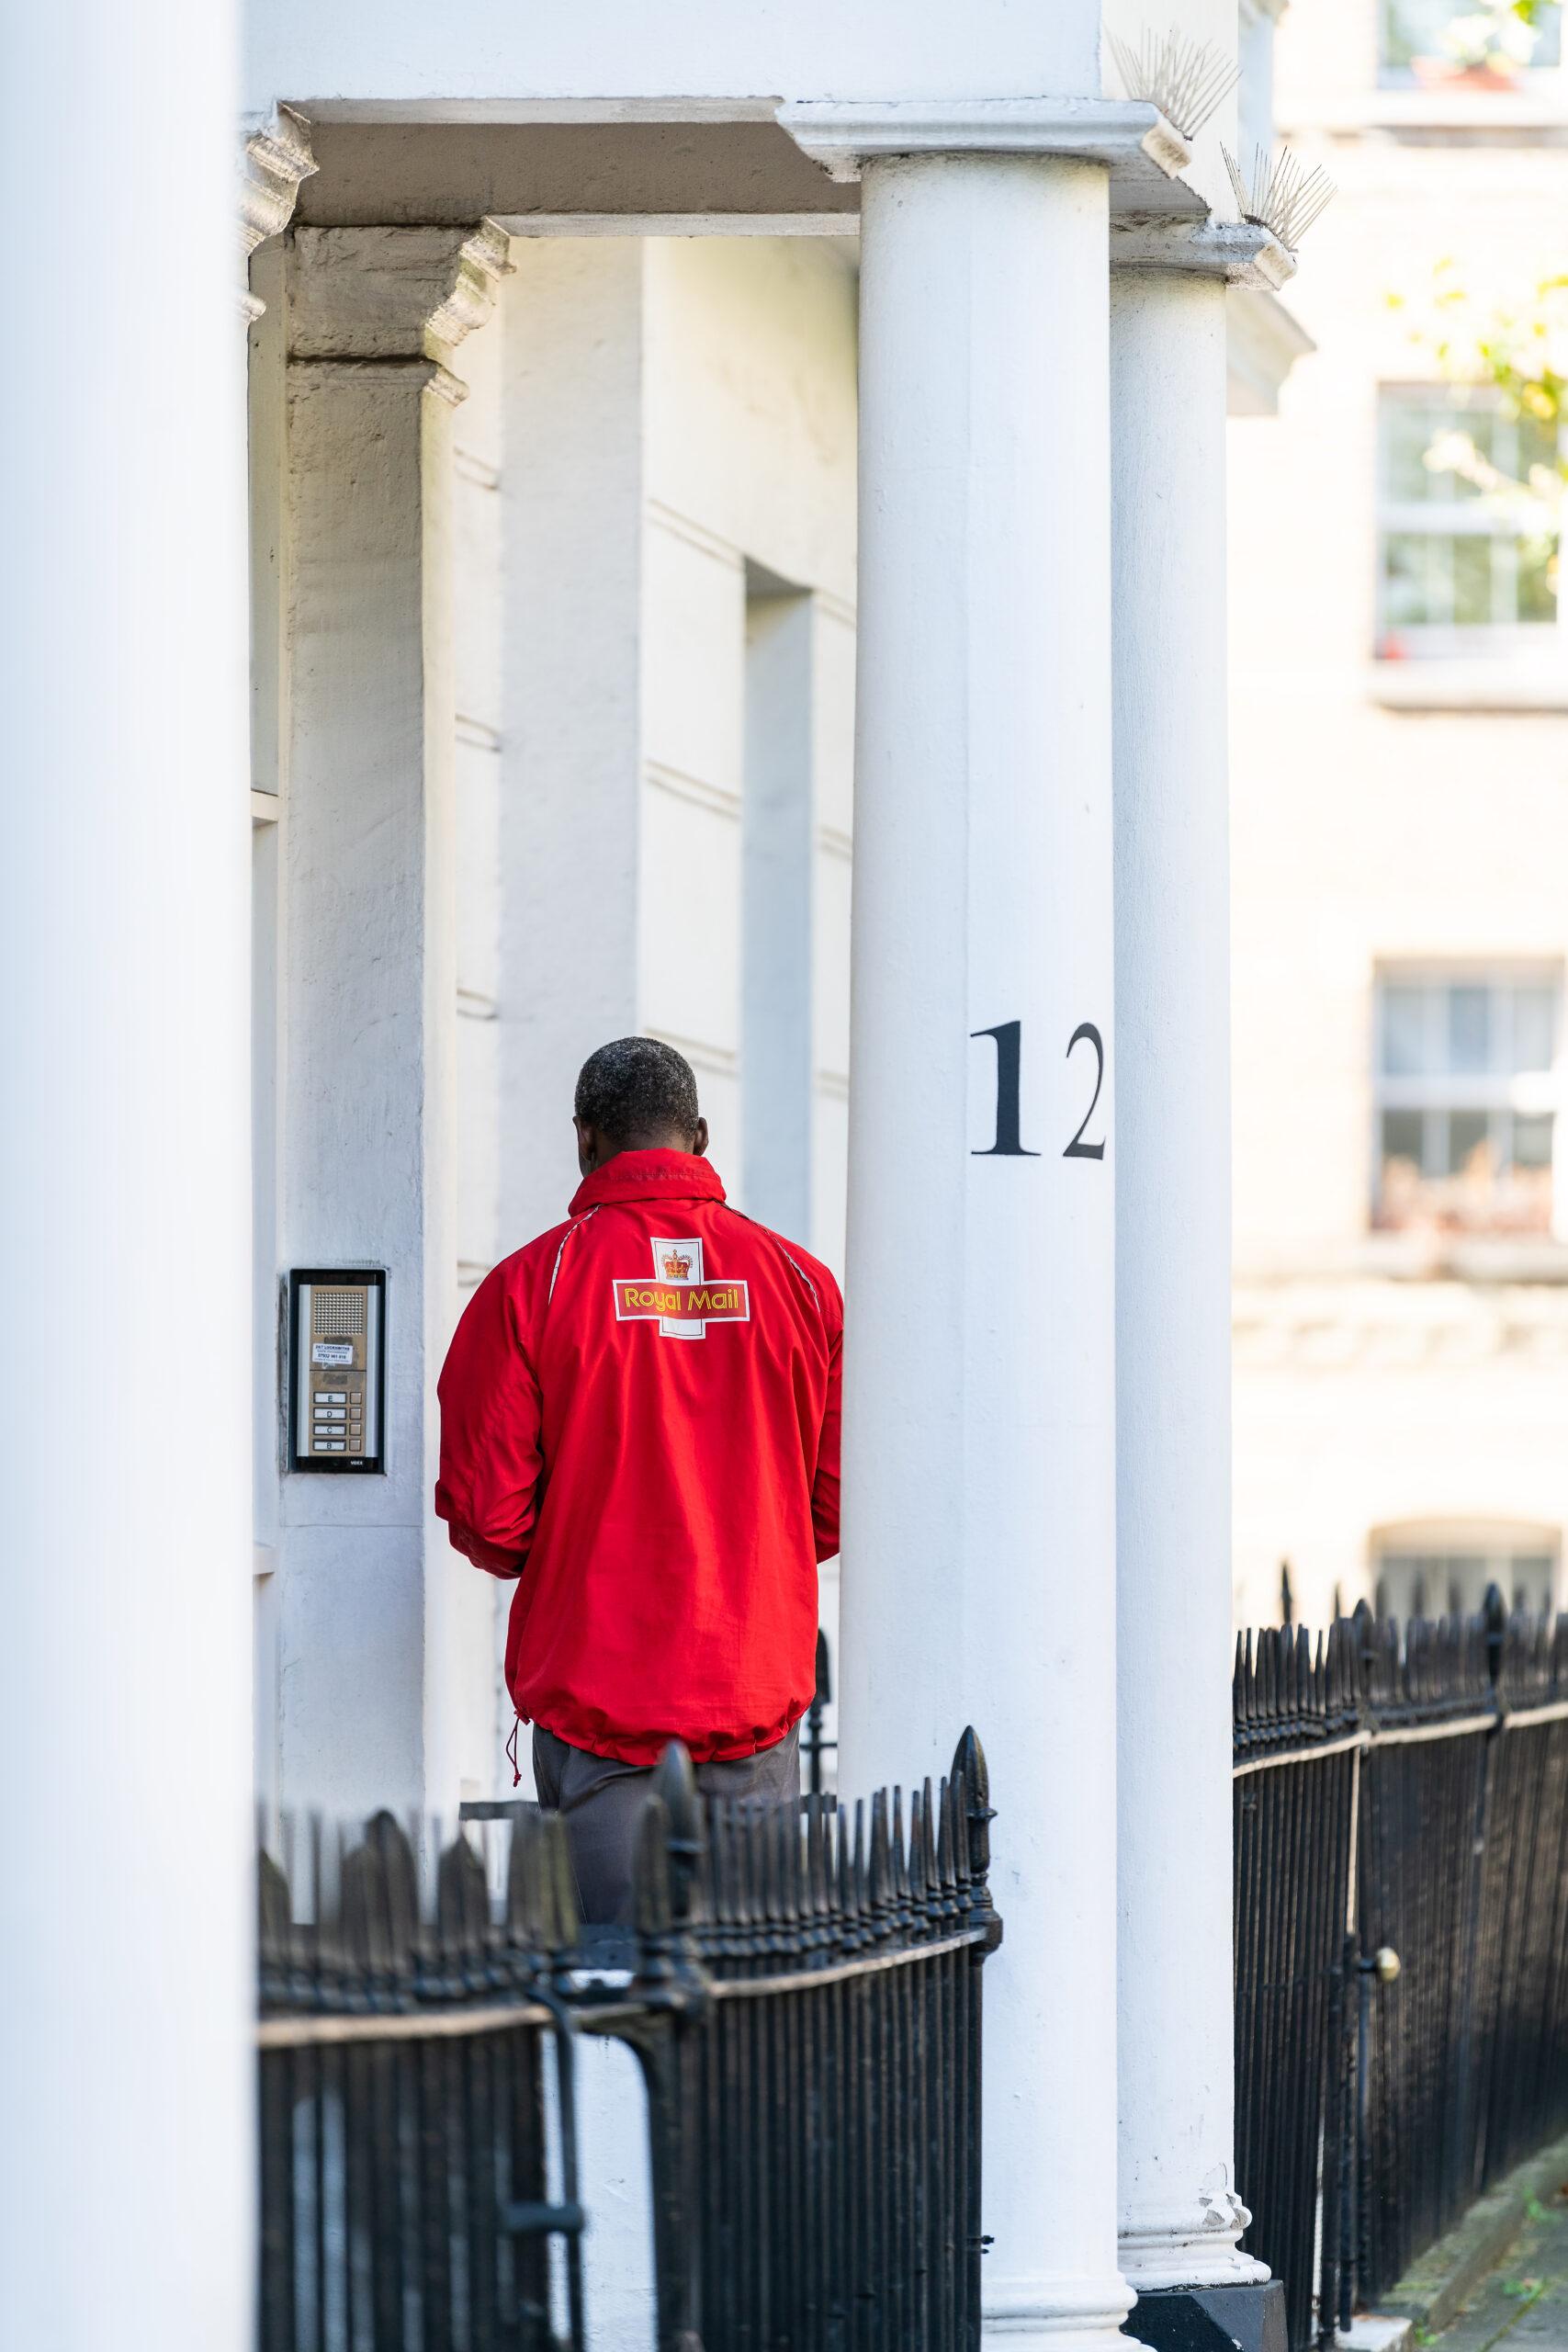 Royal Mail door to door.